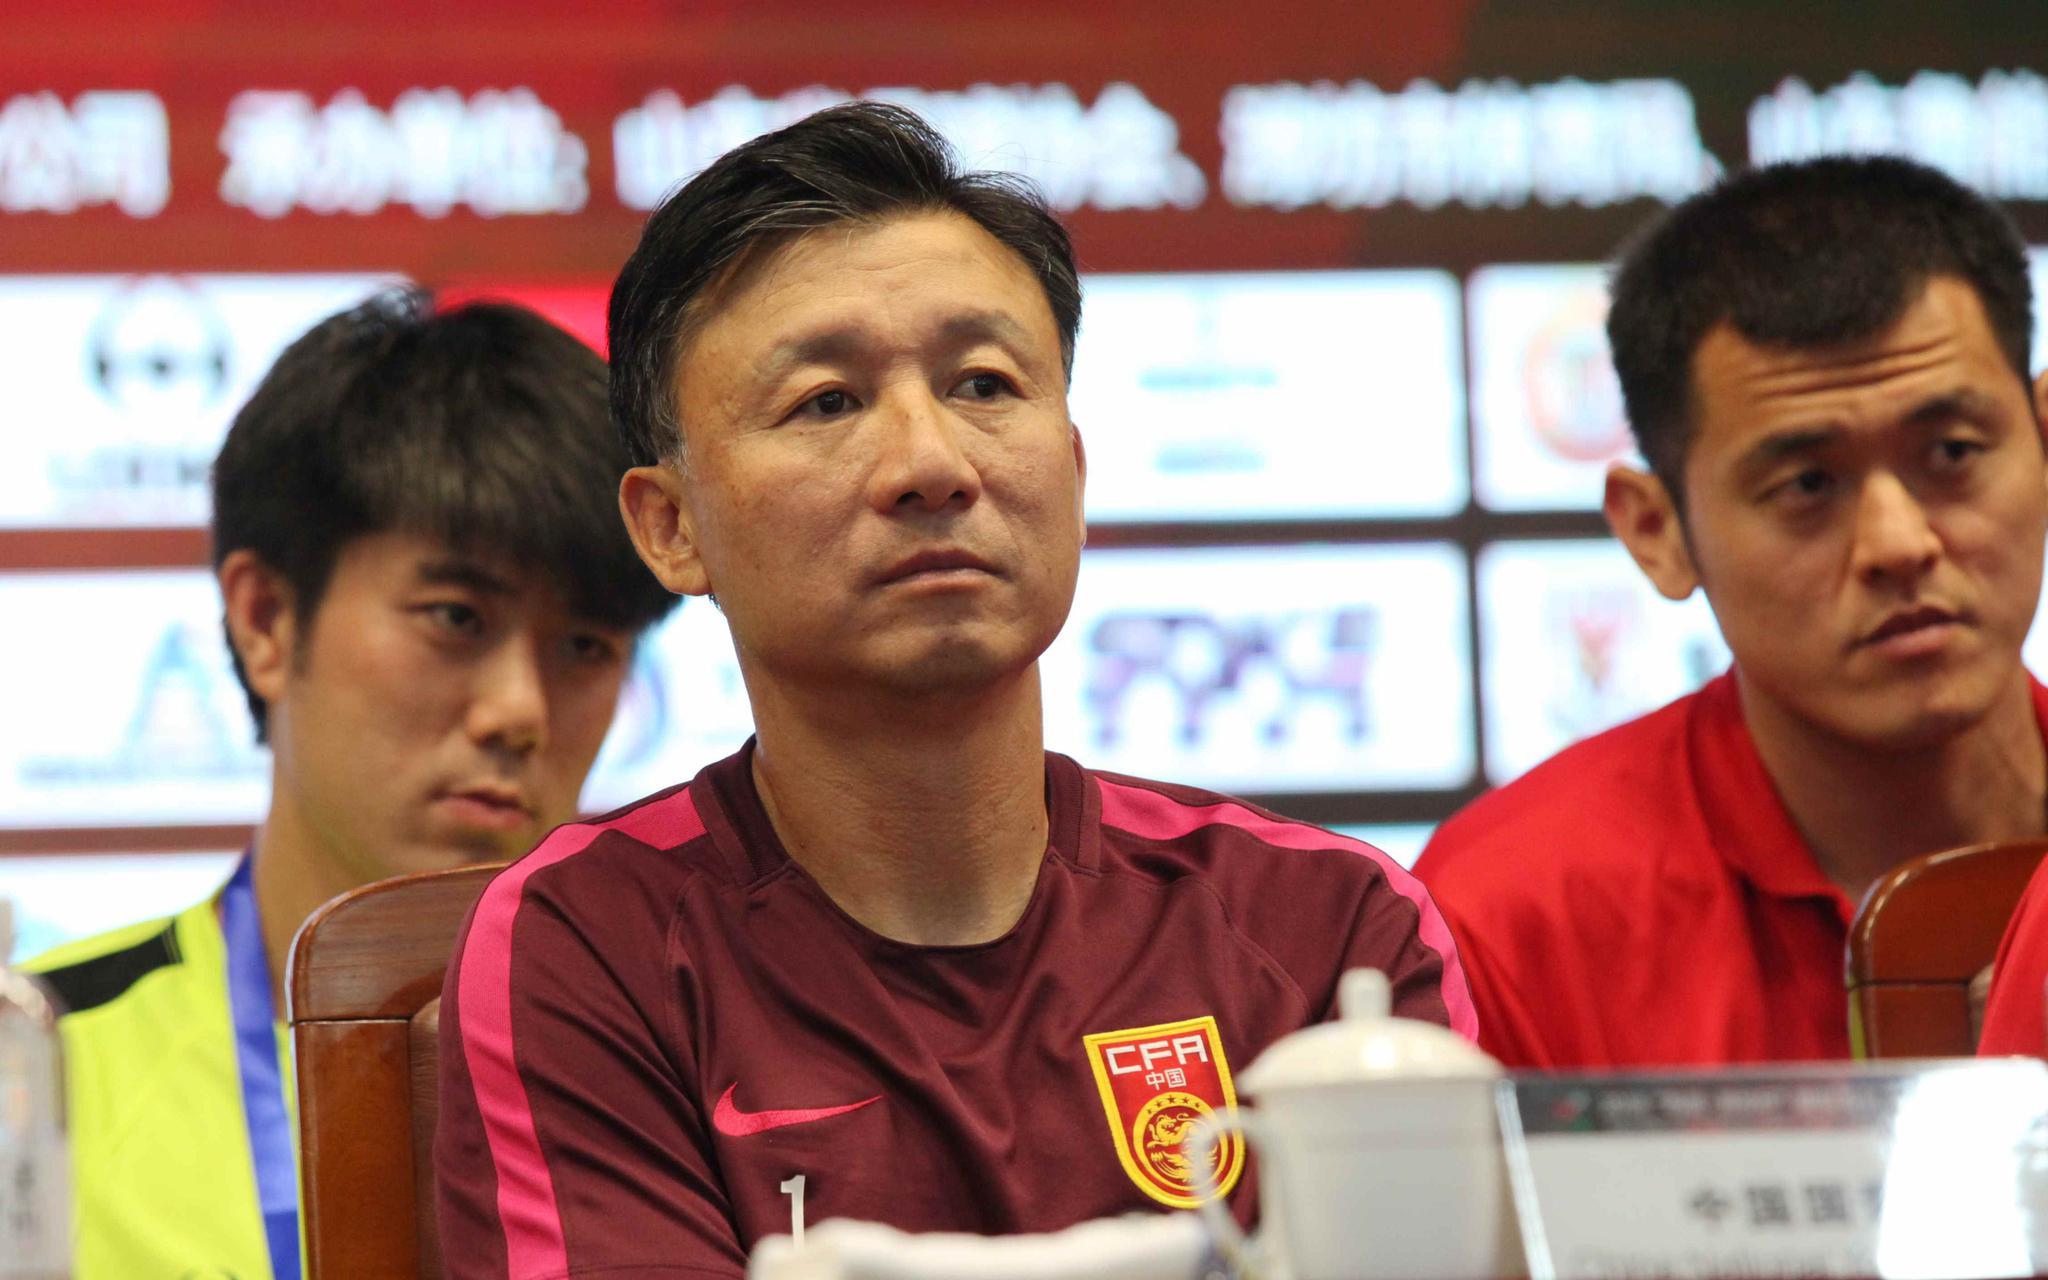 同样面对新加坡队,国青队比韩国队少赢9个球